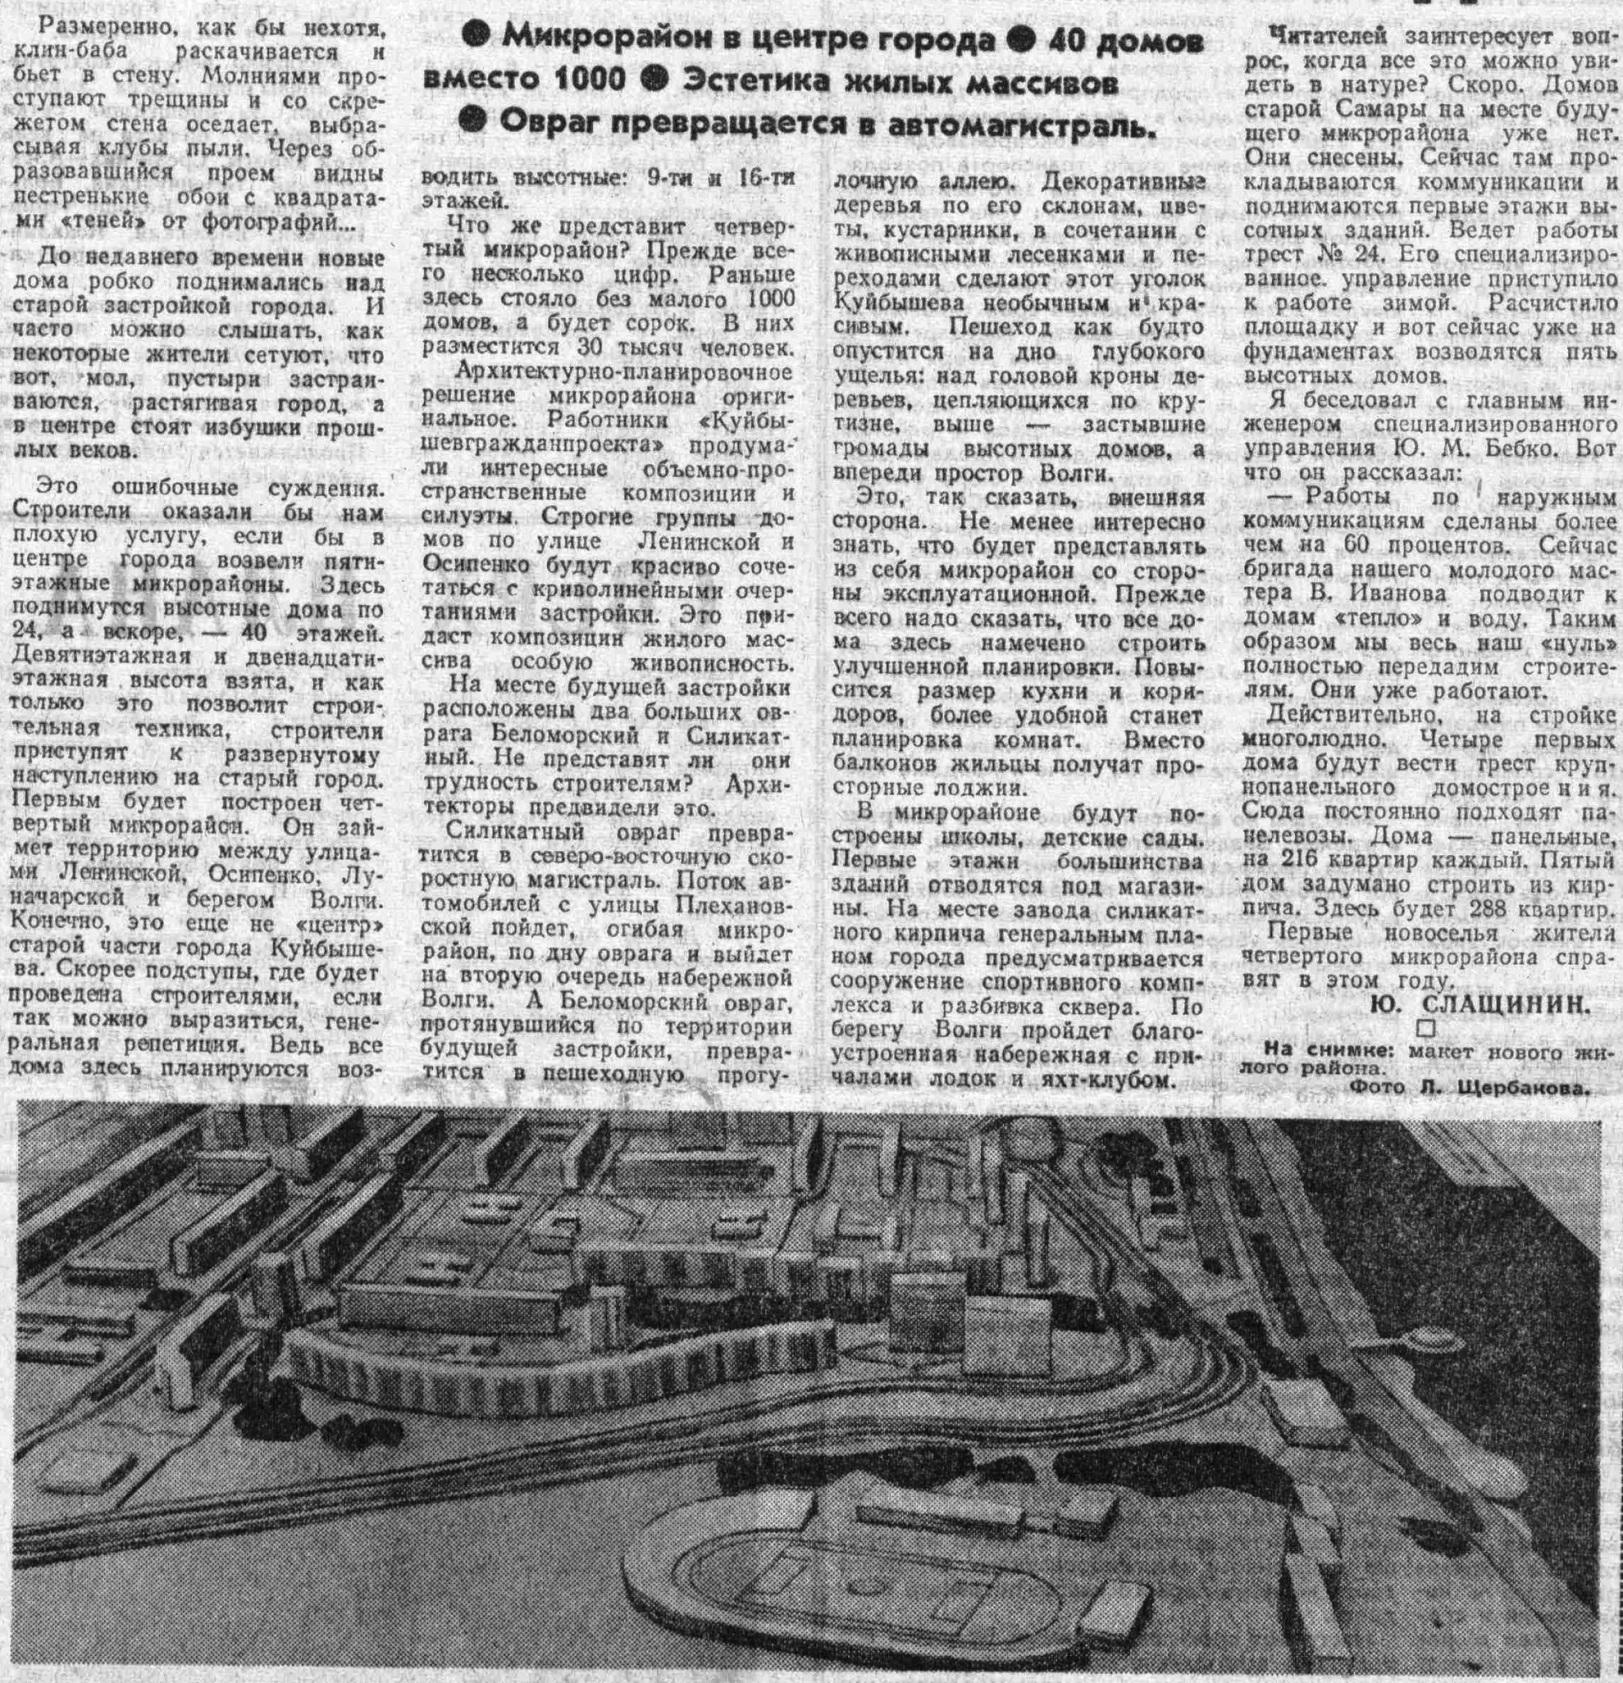 Ново-Садовая-ФОТО-56-ВКа-1968-08-08-планы IV мкр.